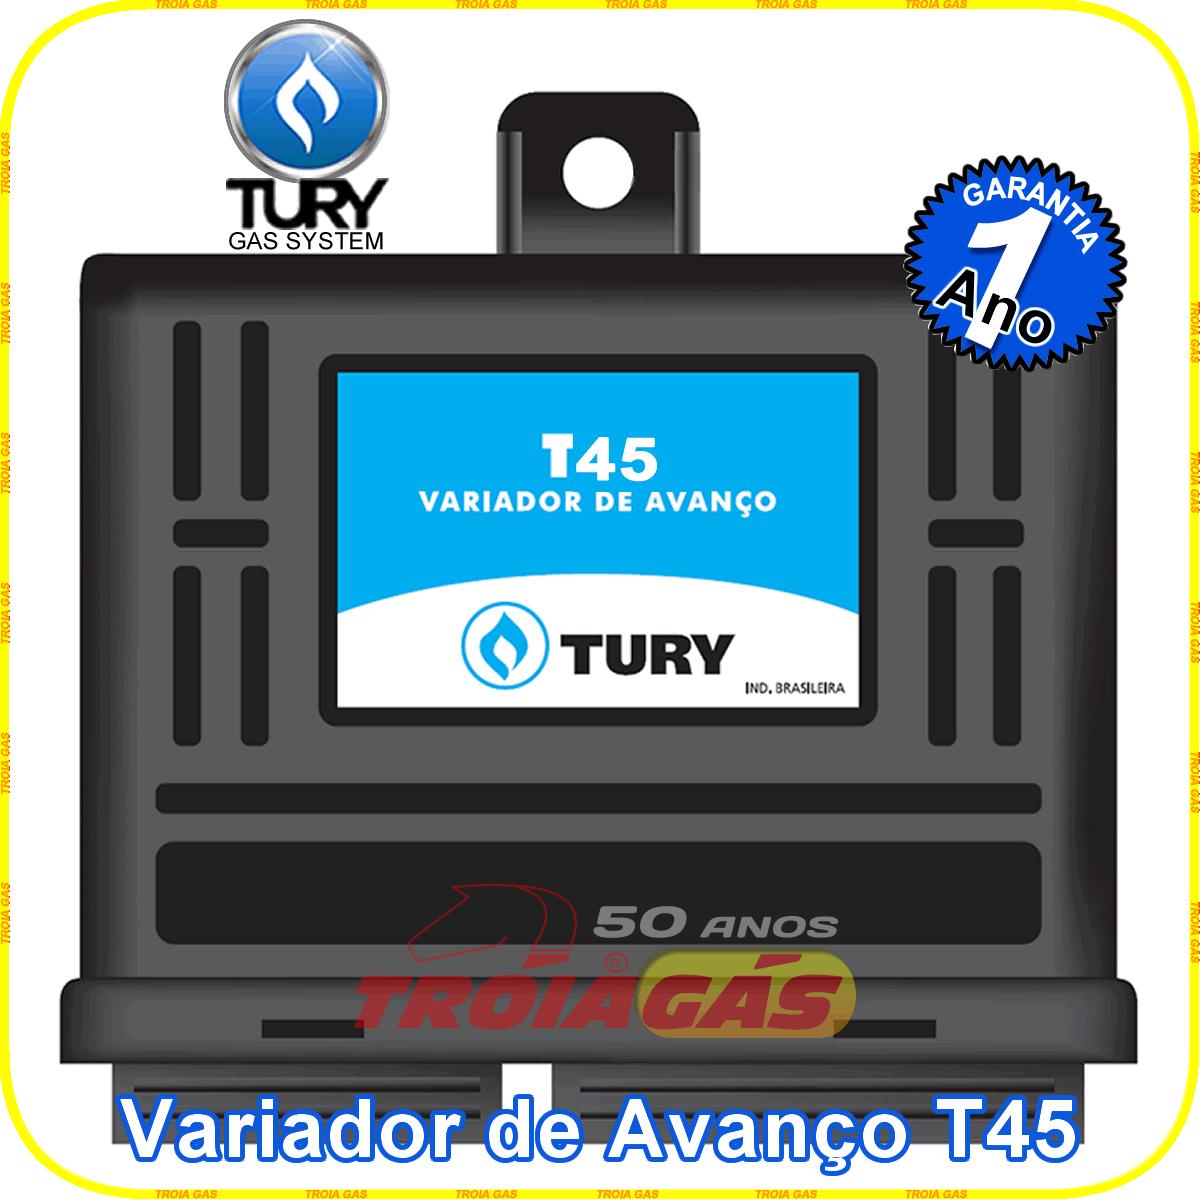 Variador de Avanço T45 TURY  GAS p/Renault Niissan